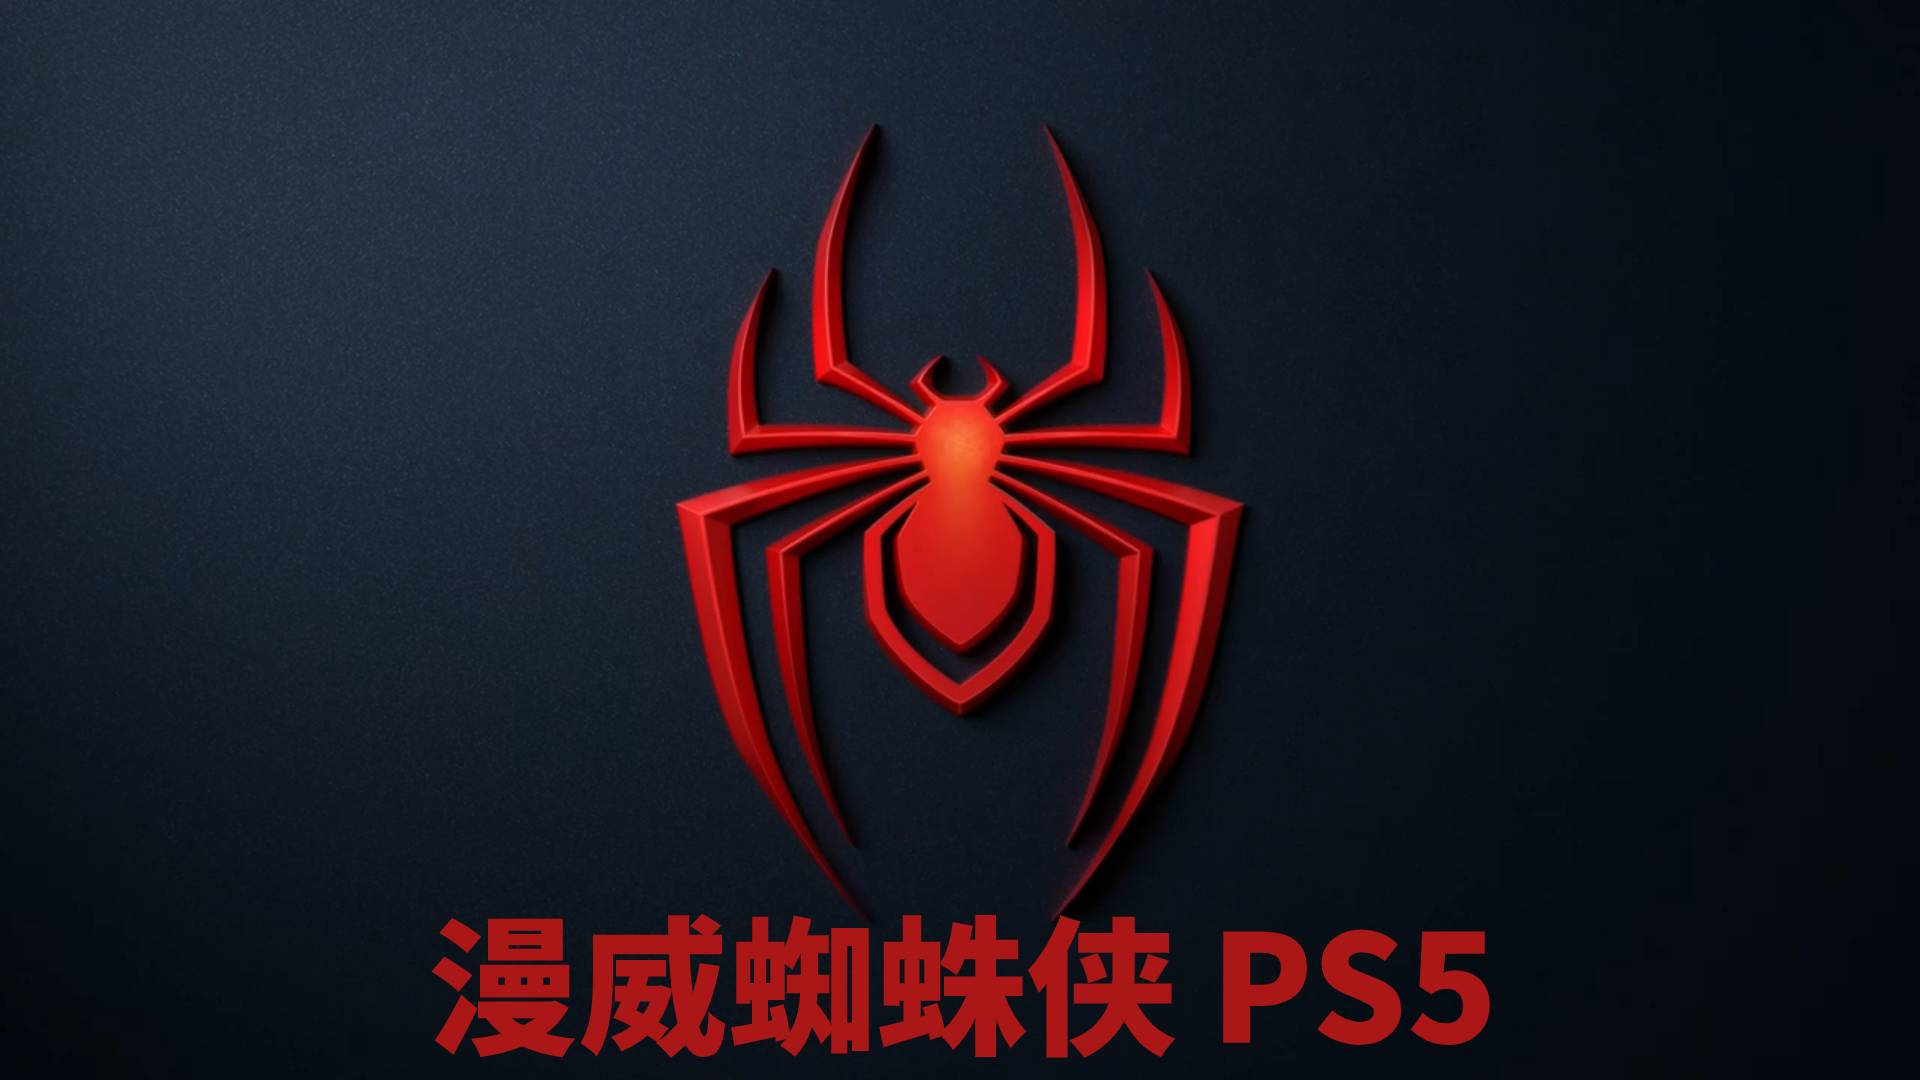 漫威蜘蛛侠PS5:终极蜘蛛侠迈尔斯·莫拉莱斯即将登场!